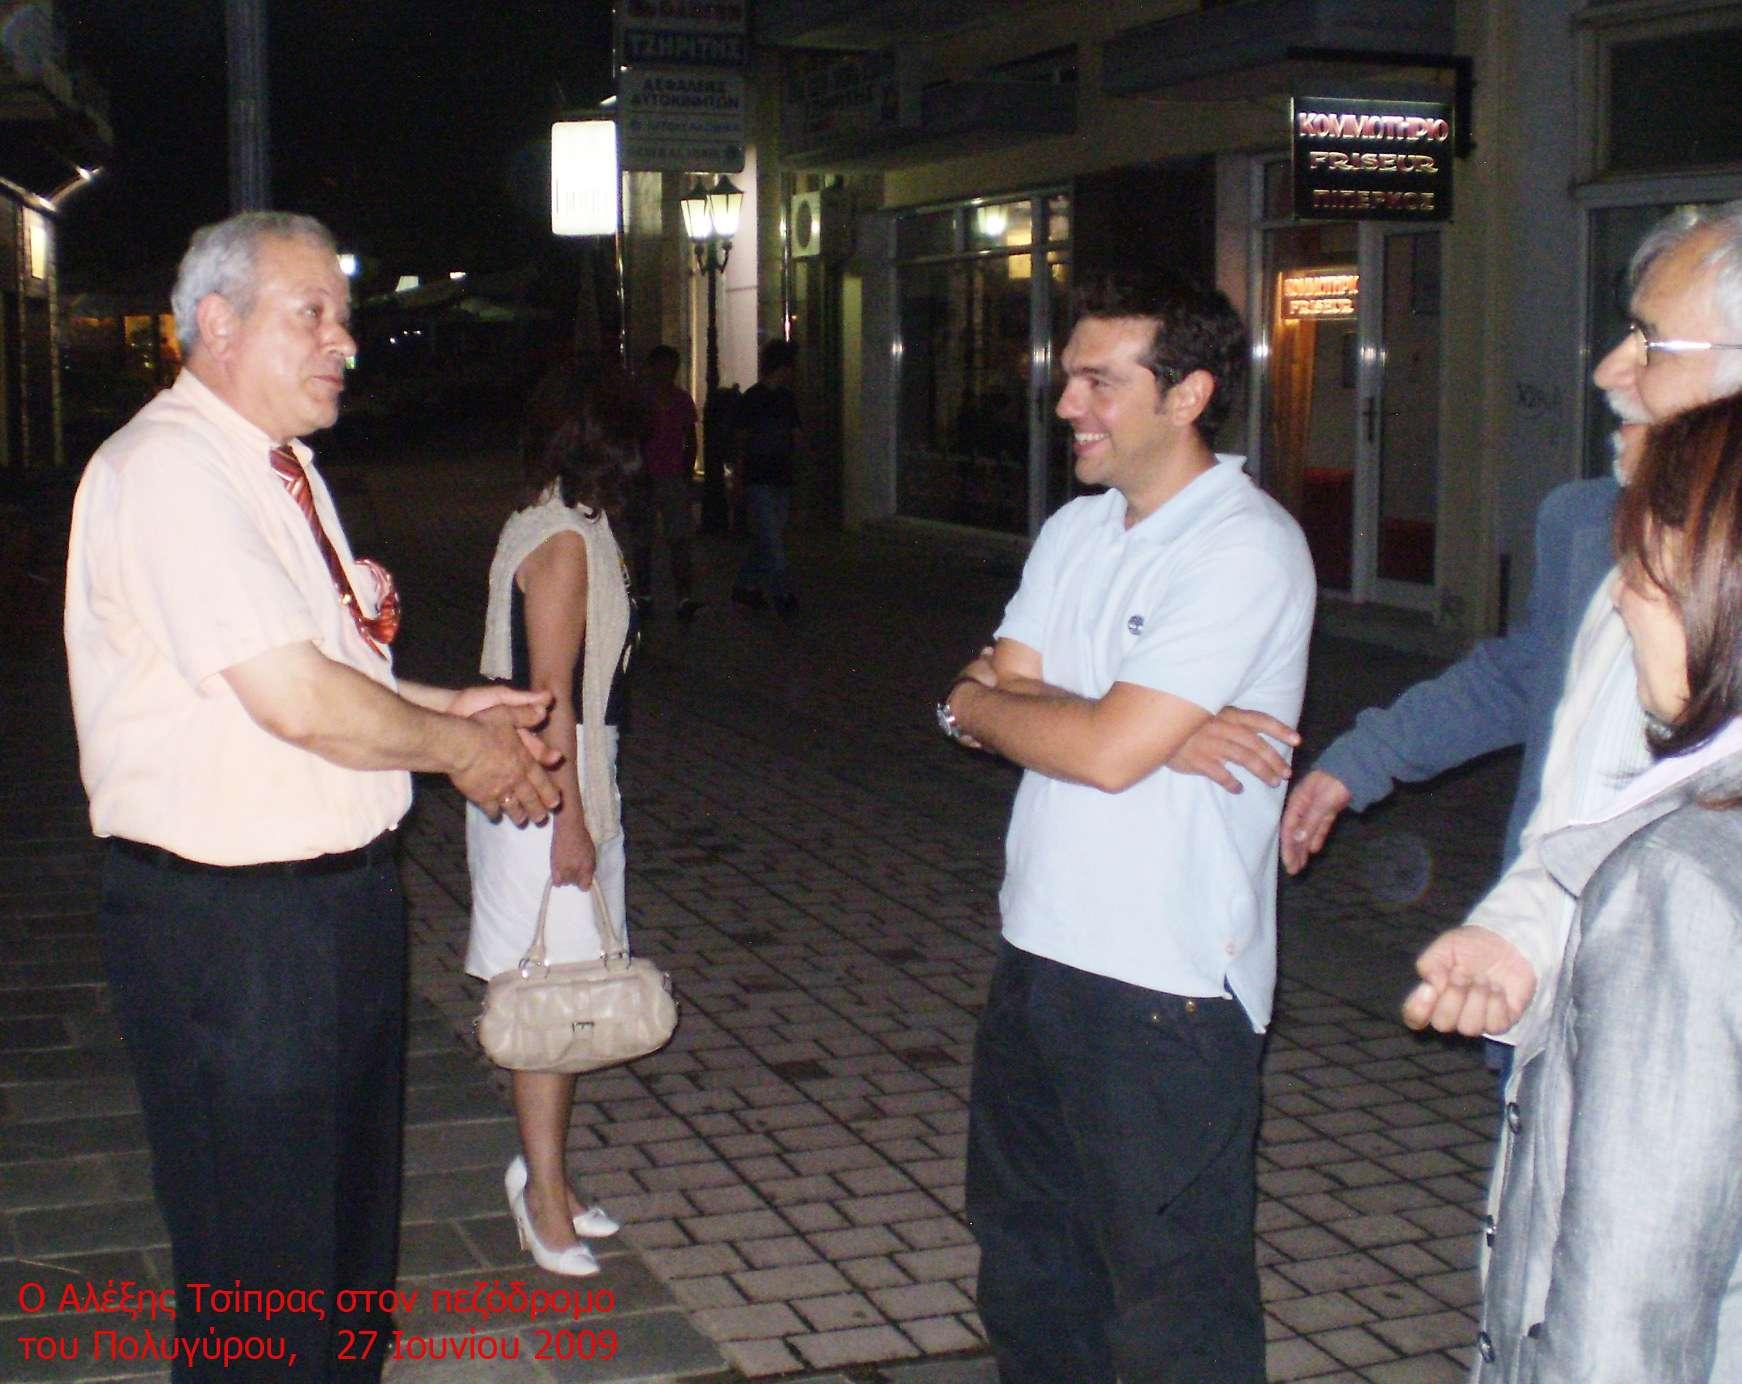 Αλέξης Τσίπρας, ένας ηγέτης με γνώσεις και ήθος